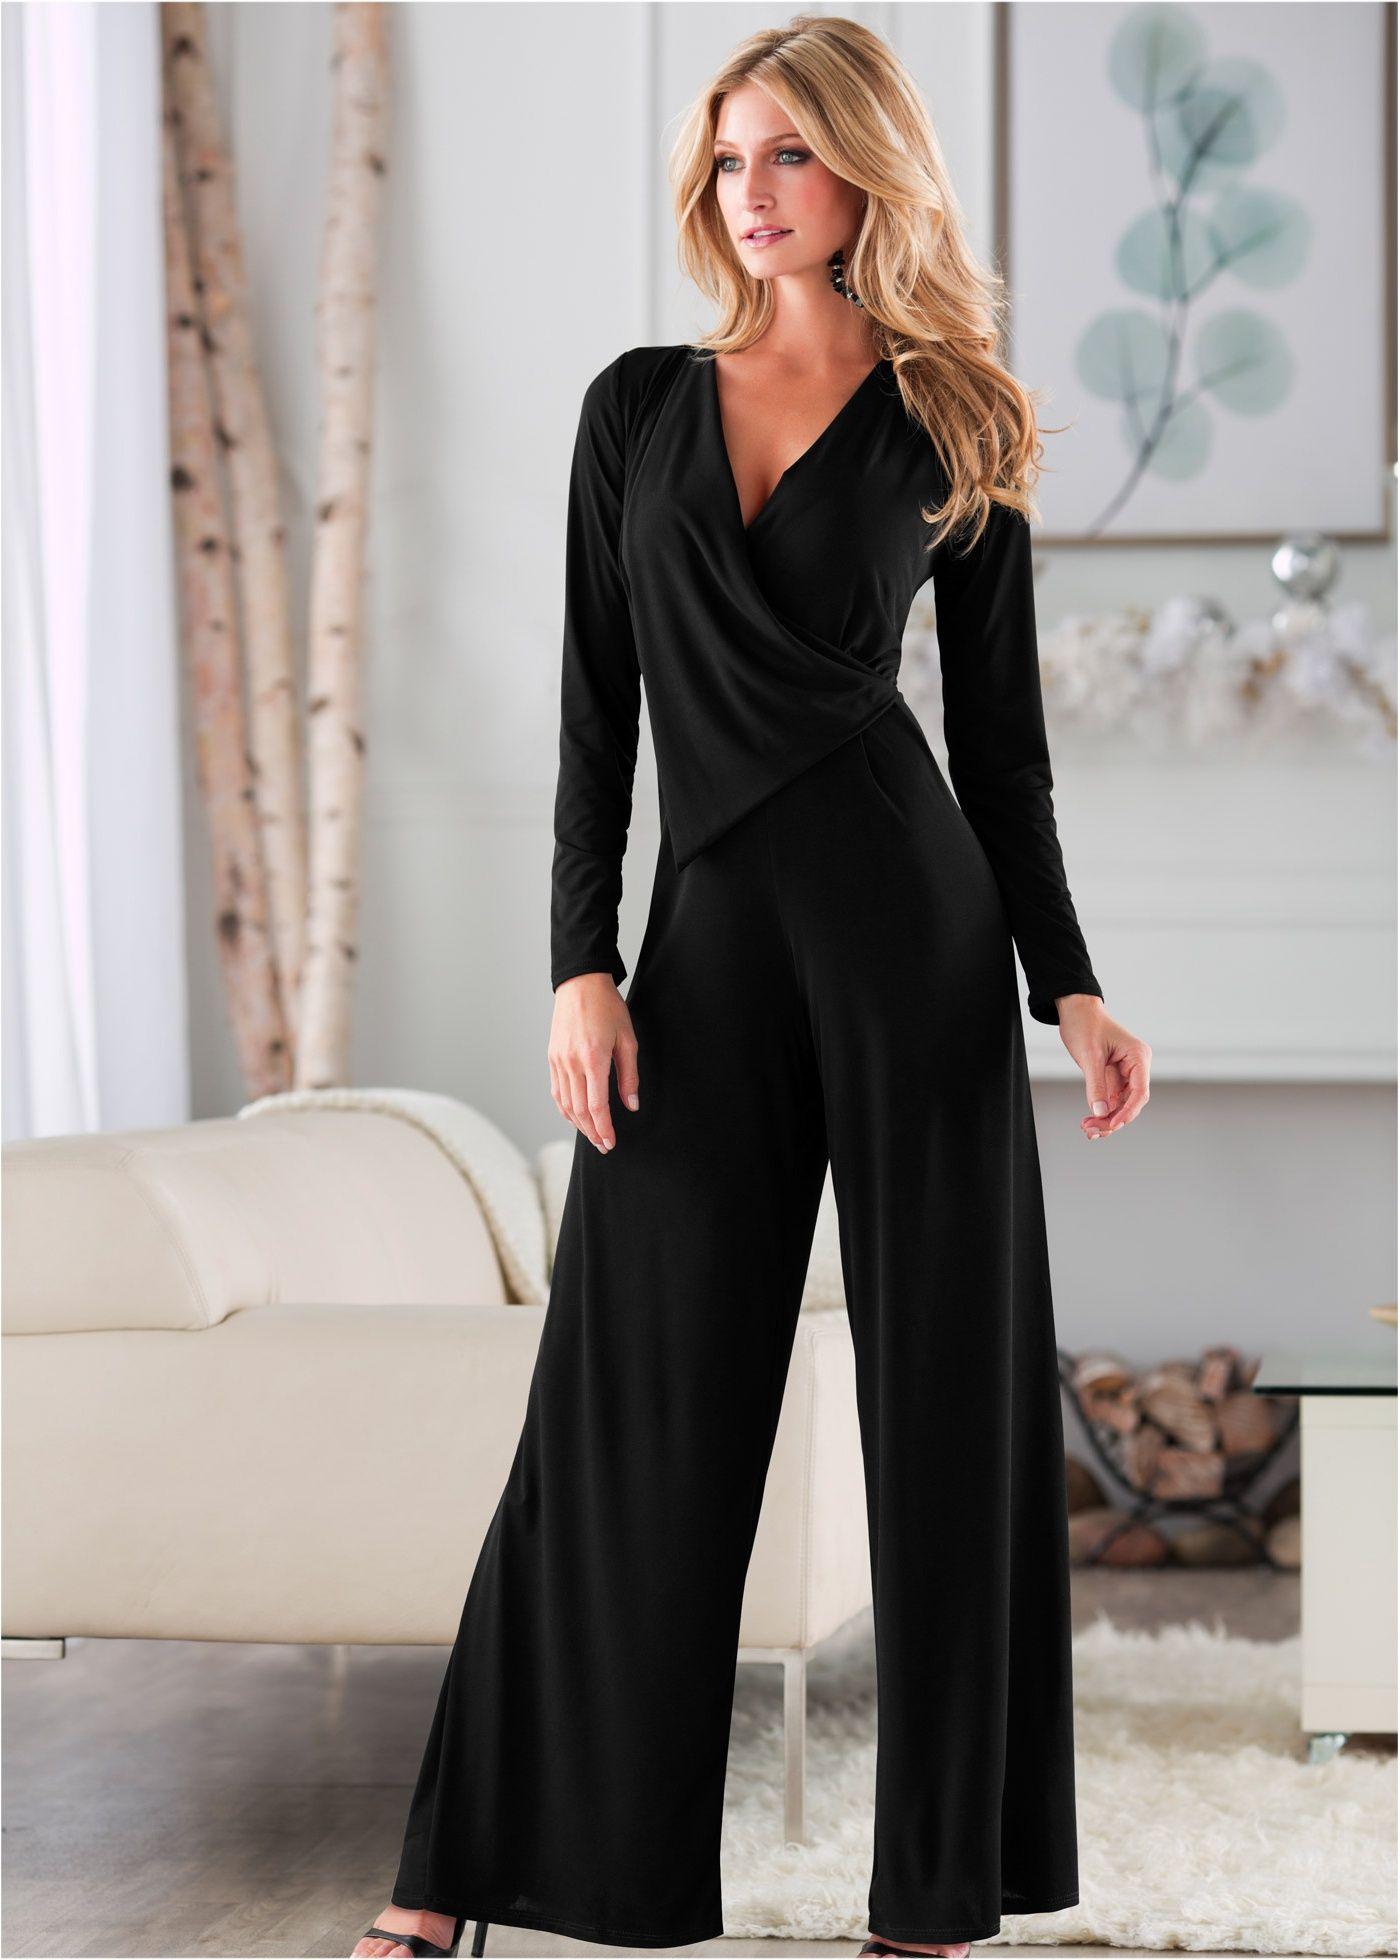 5ad9b9eef Macacão pantalona preto encomendar agora na loja on-line bonprix.de R$  99,90 a partir de Macacão manga longa. Seguir as instruções de lavação que  estão na .